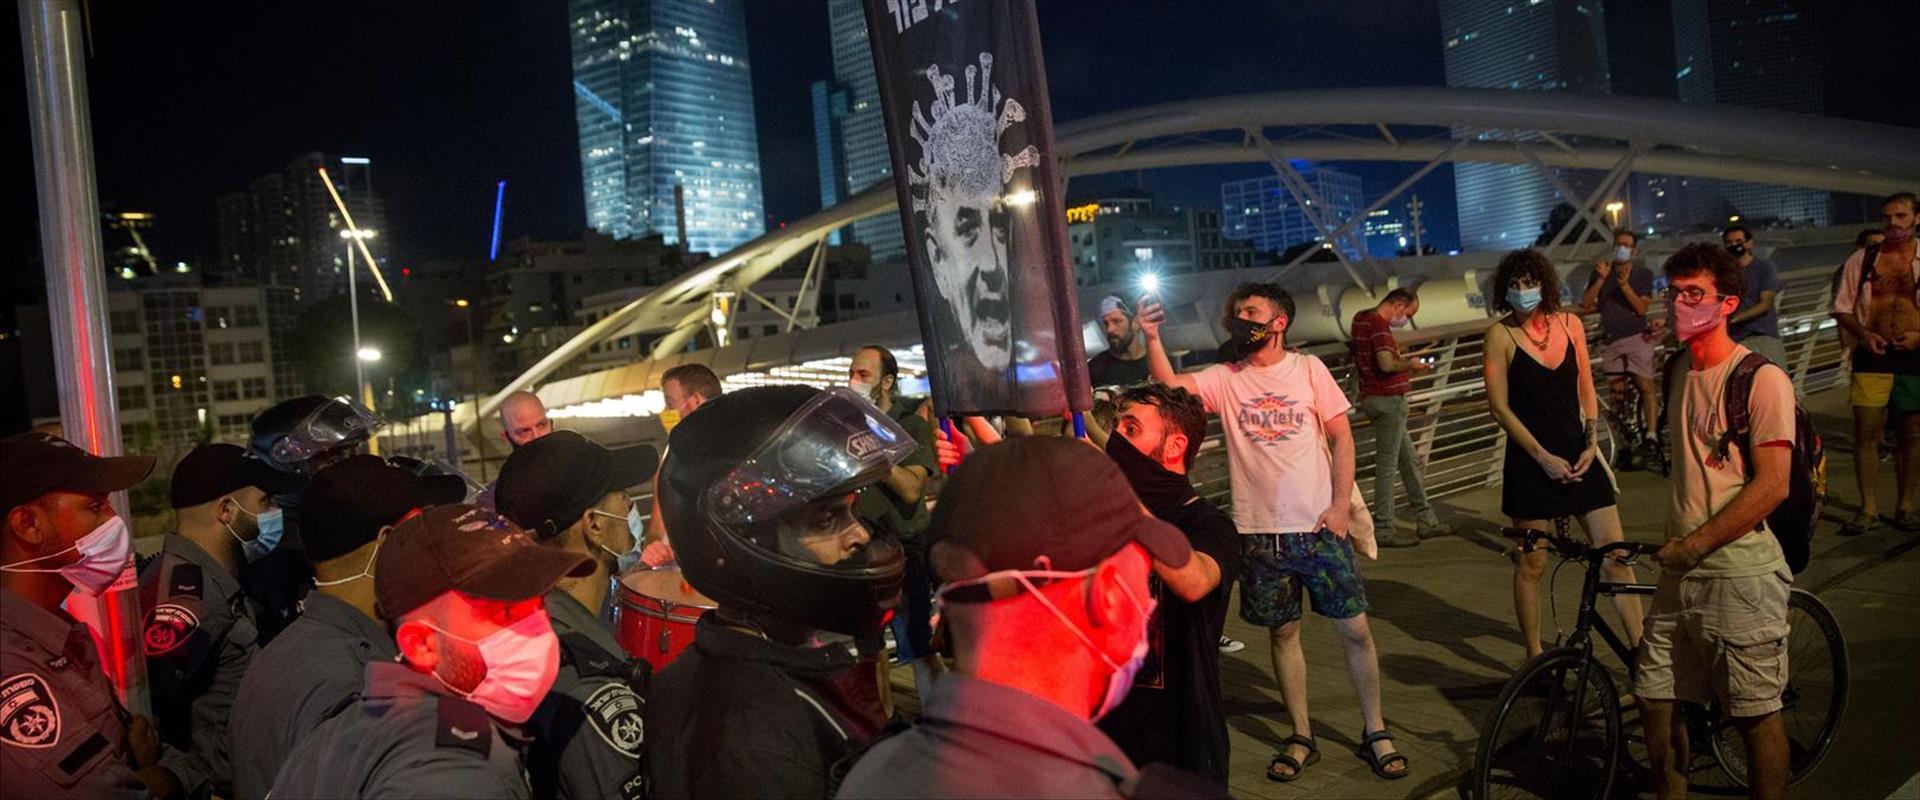 המחאה בתל אביב ביום שלישי